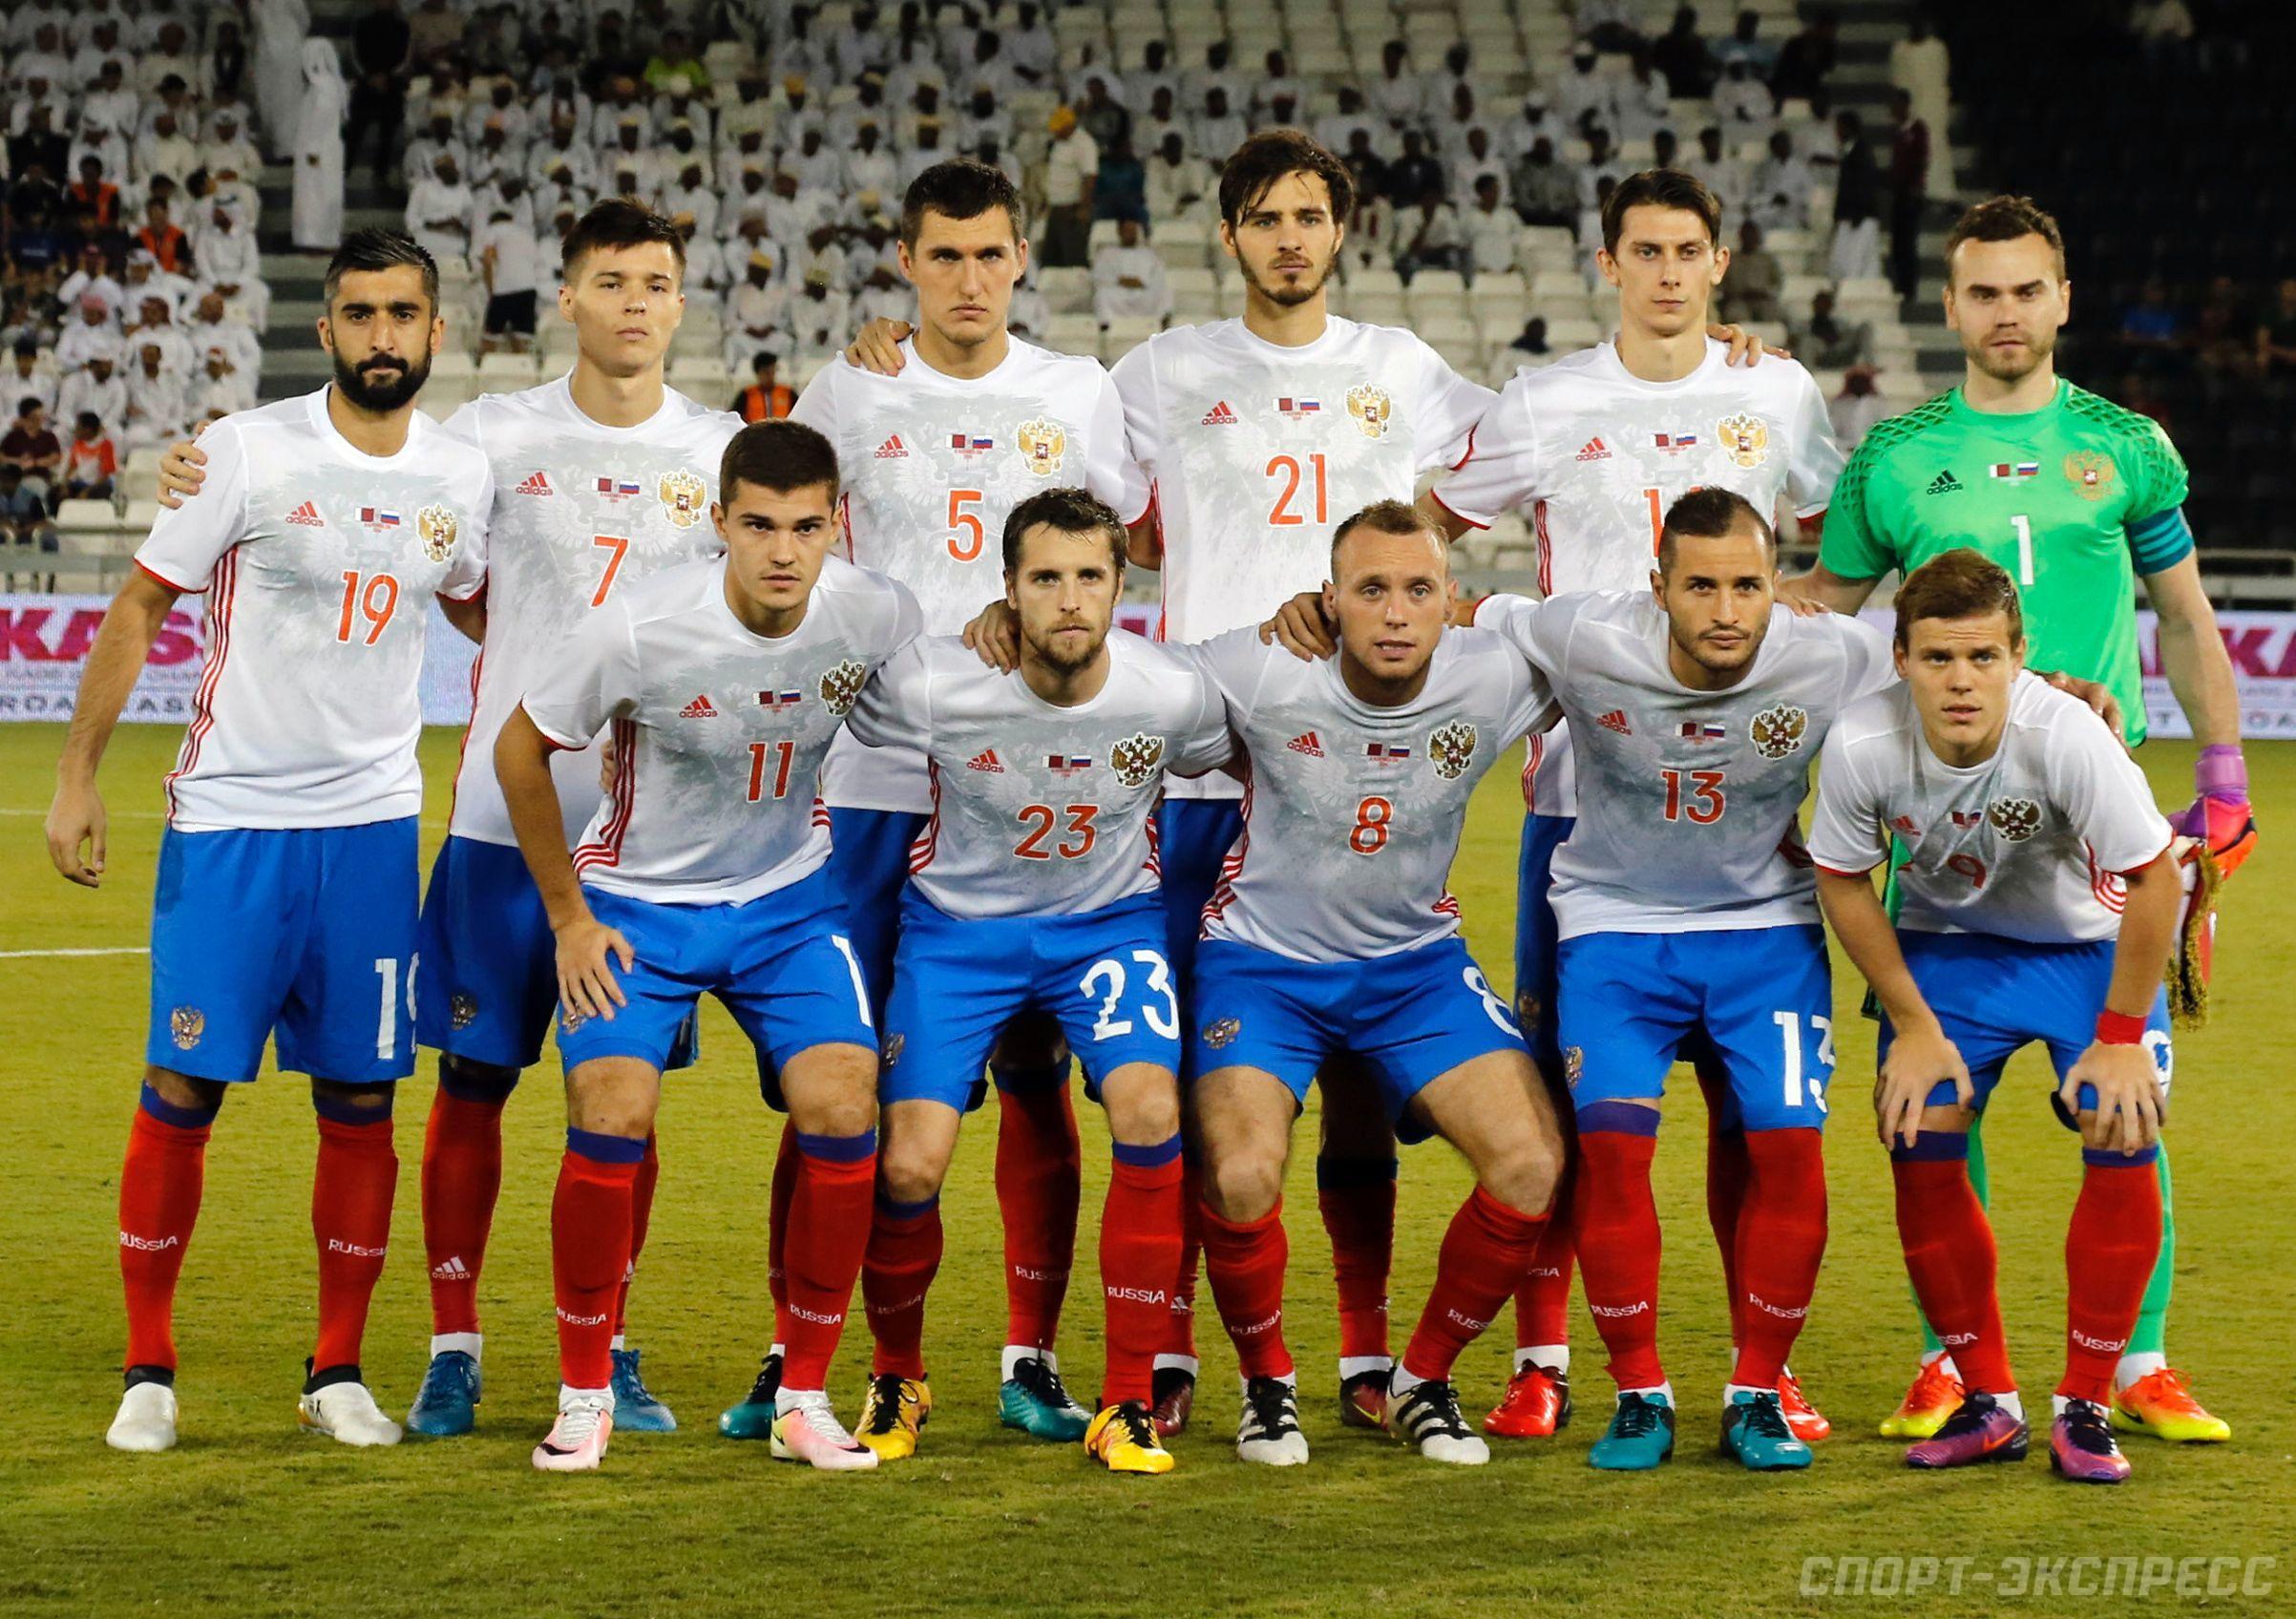 Катар – Россия прогноз на товарищеский матч